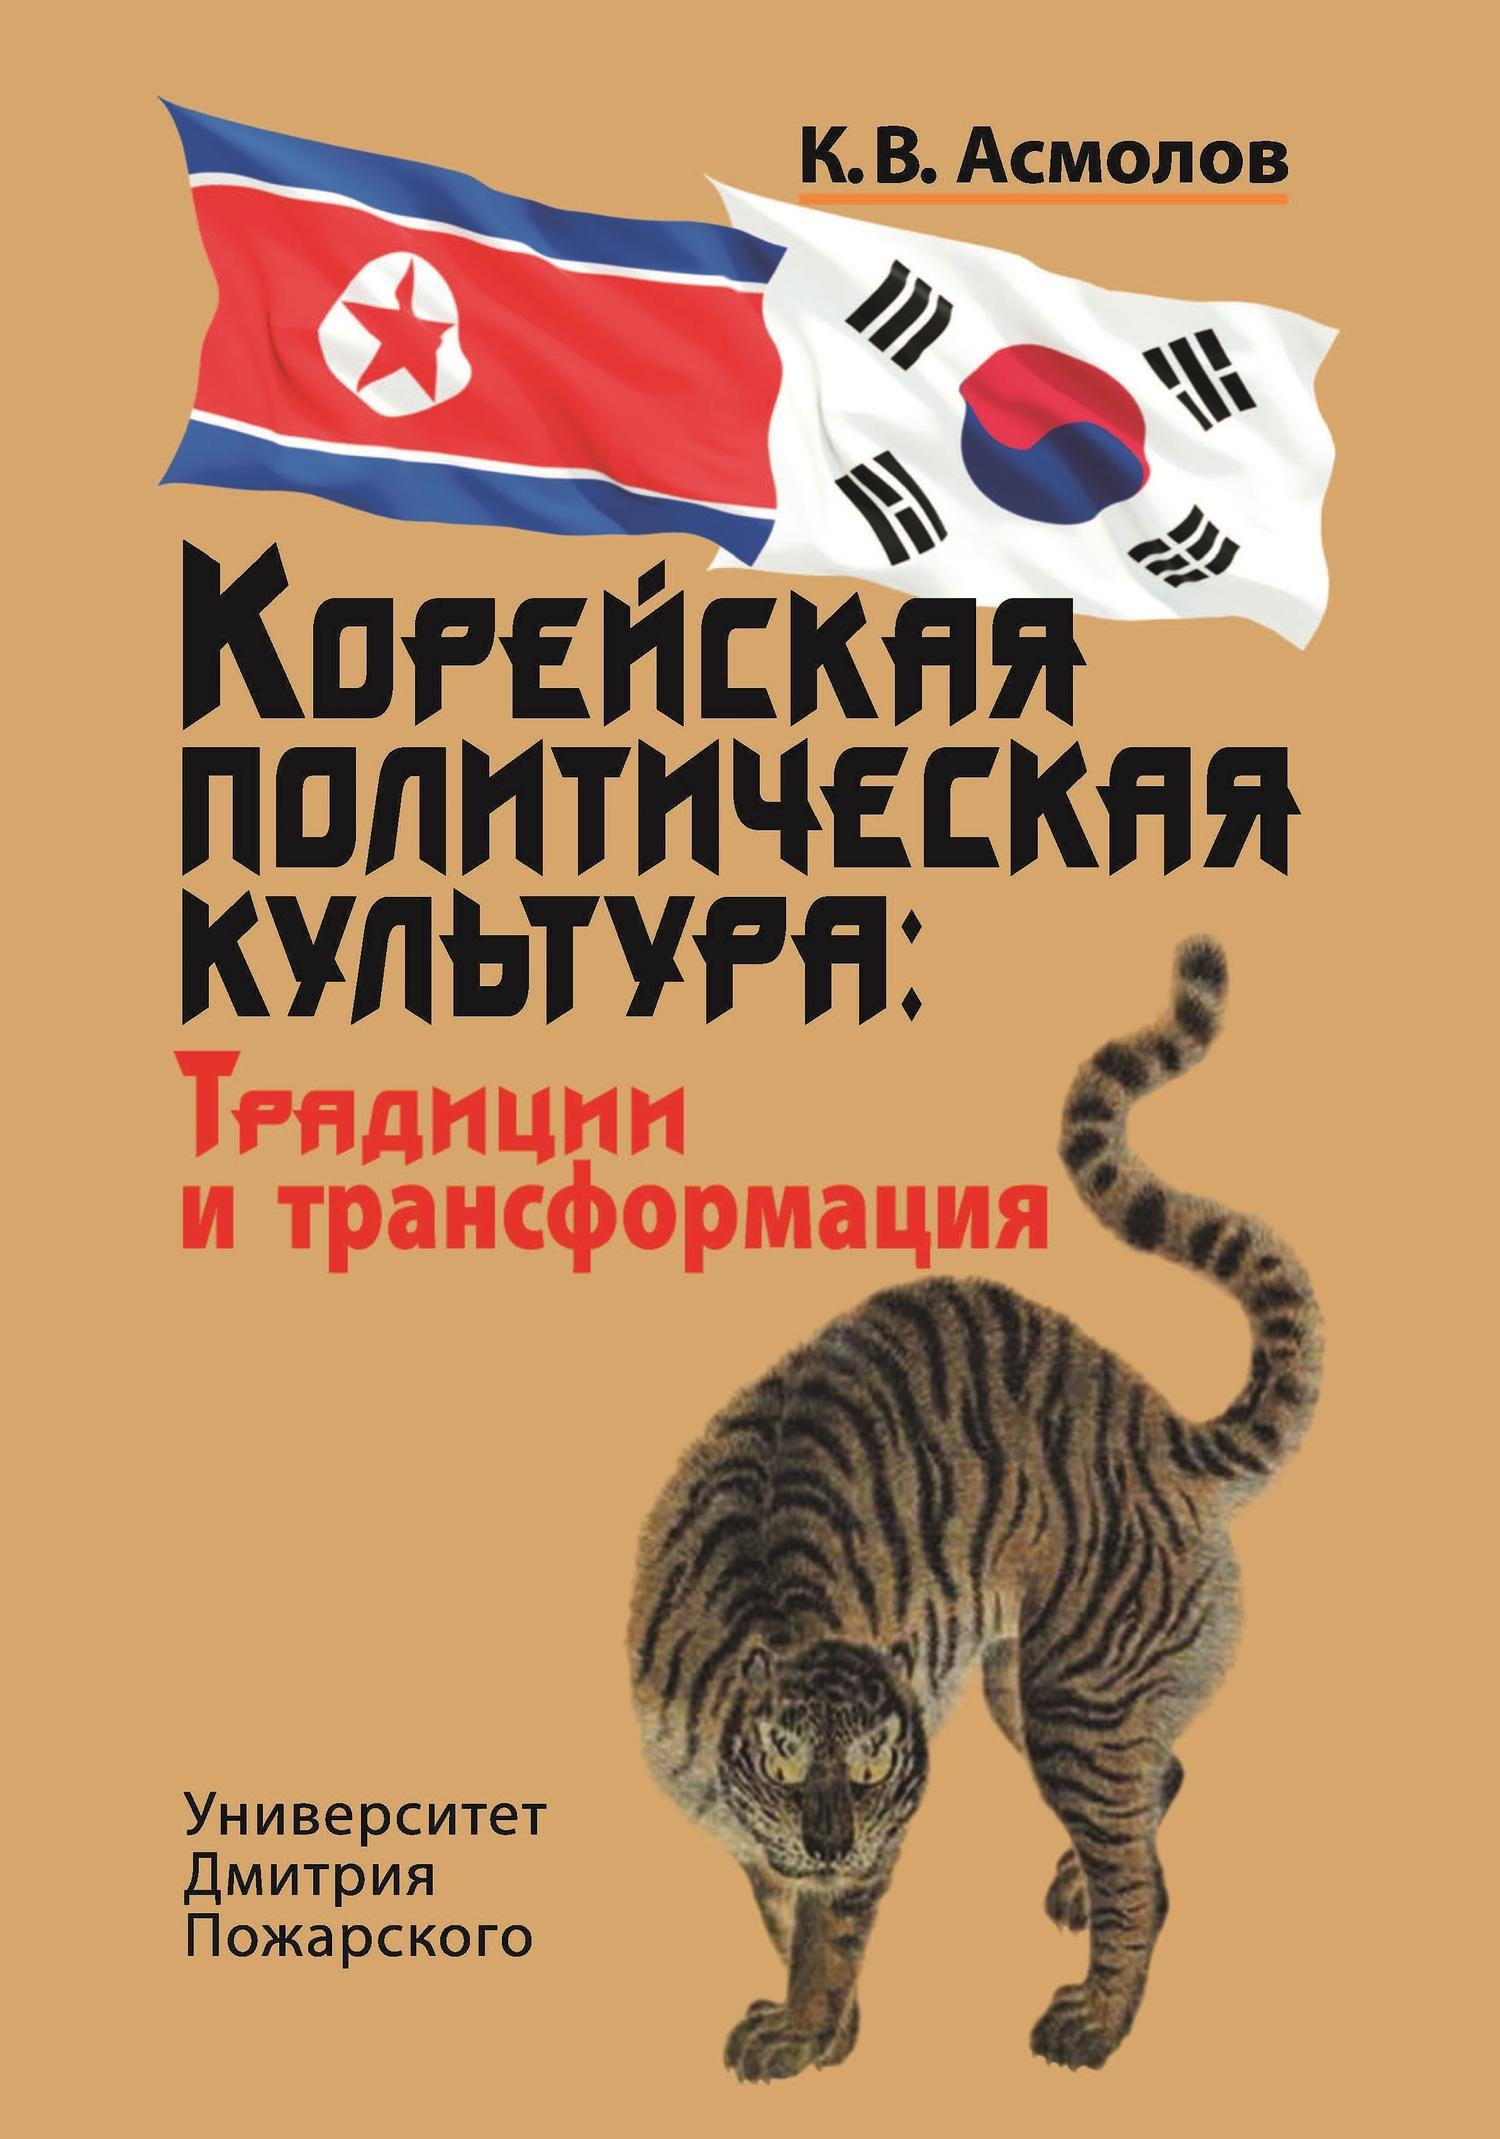 К. В. Асмолов. Корейская политическая культура. Традиции и трансформация